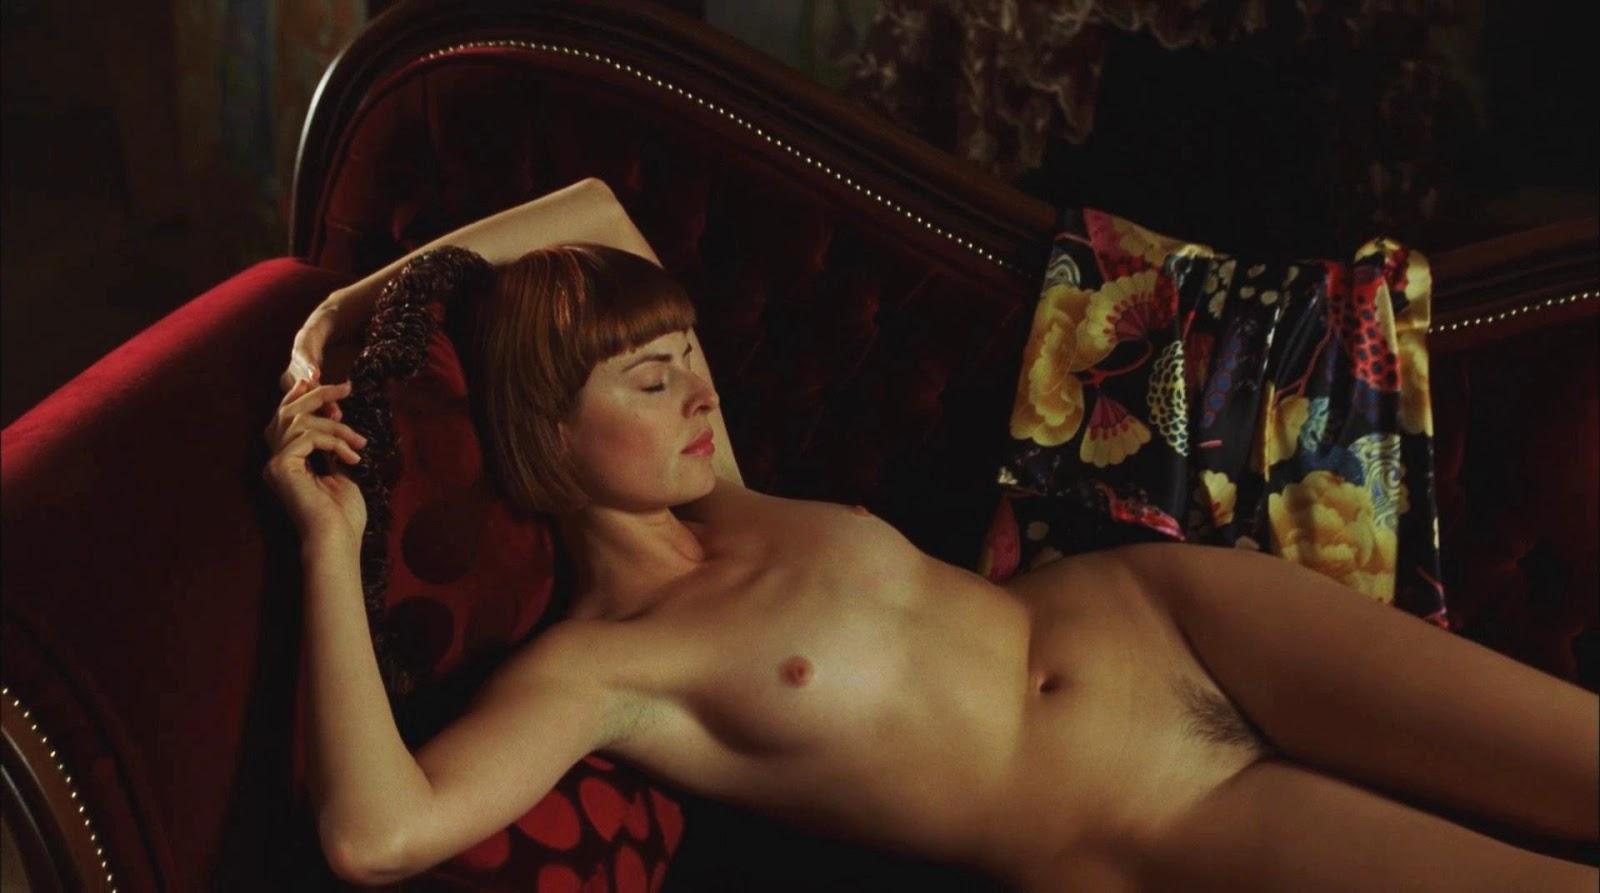 Откровенные интимные сцены смотреть онлайн